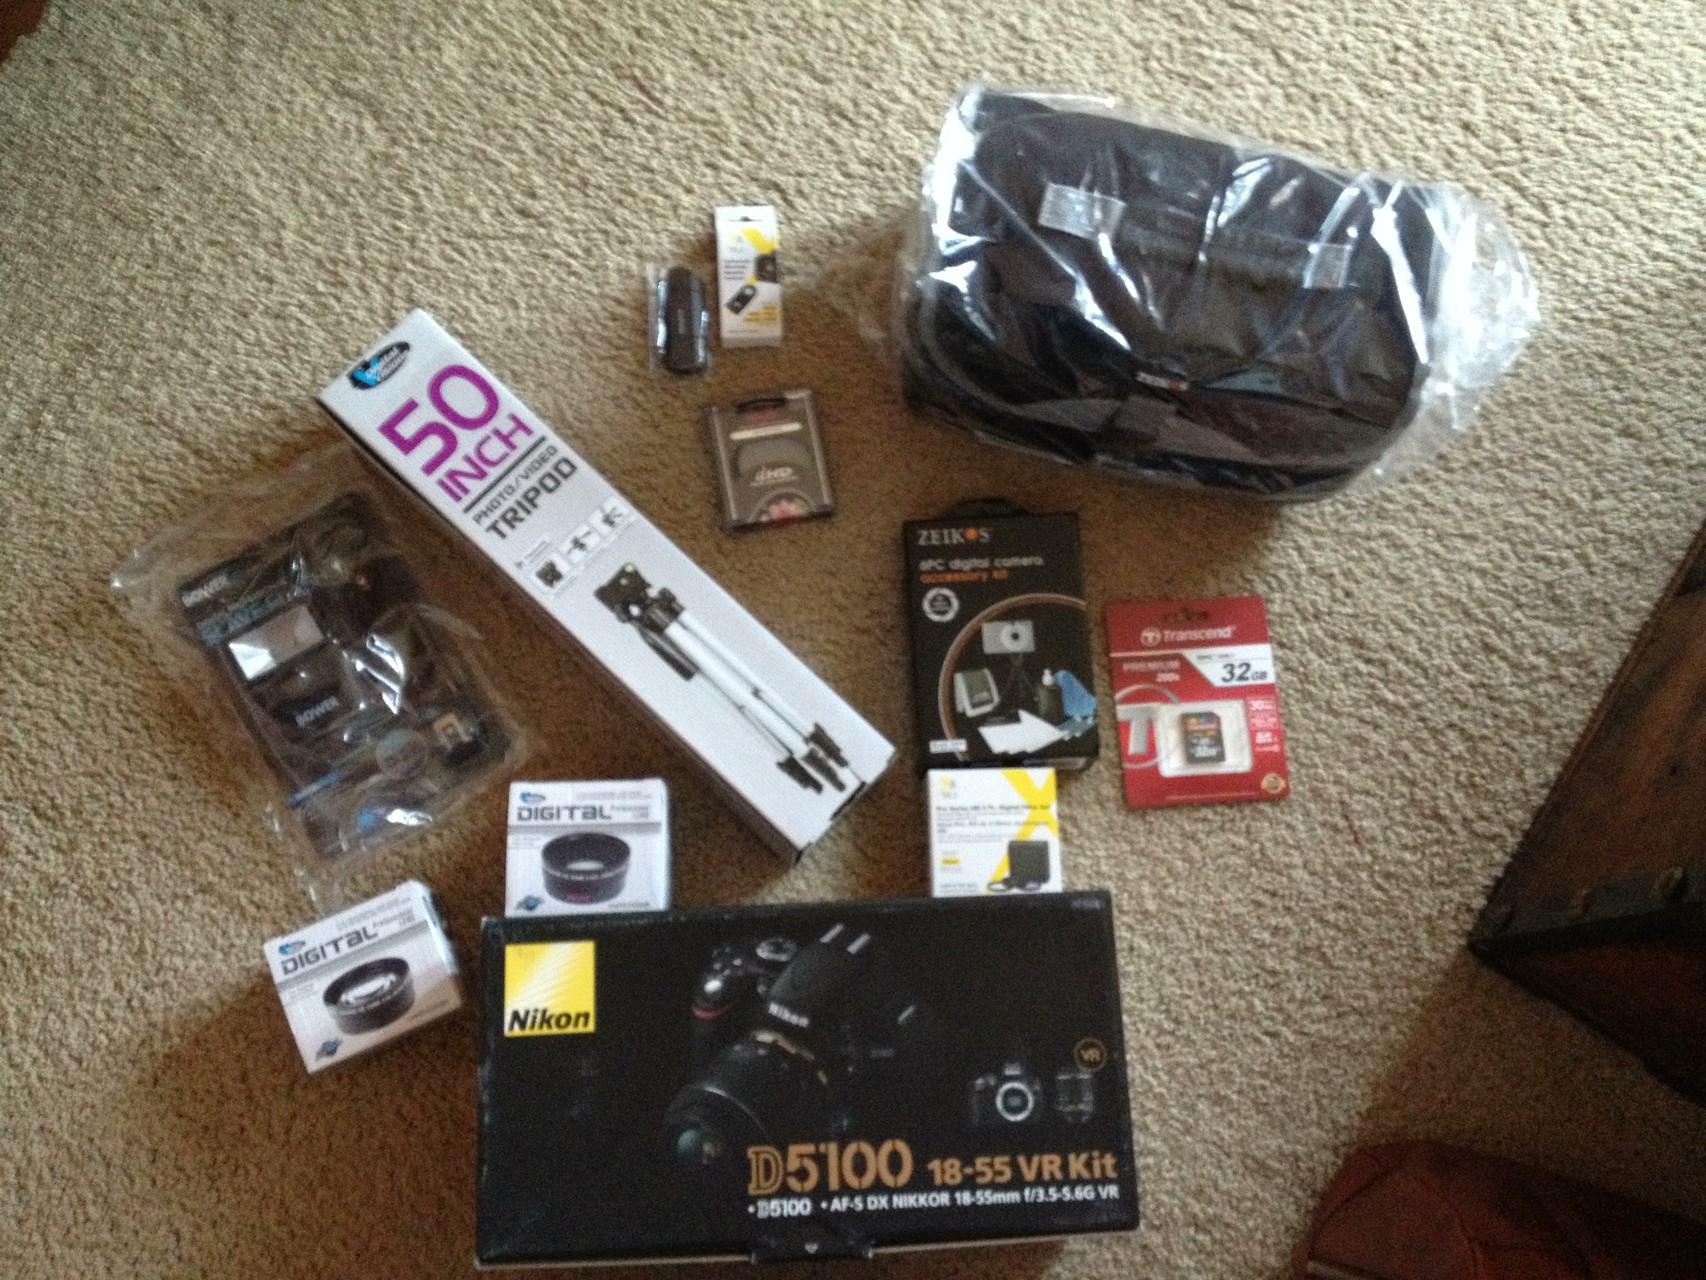 Mein Paket ist angekommen...